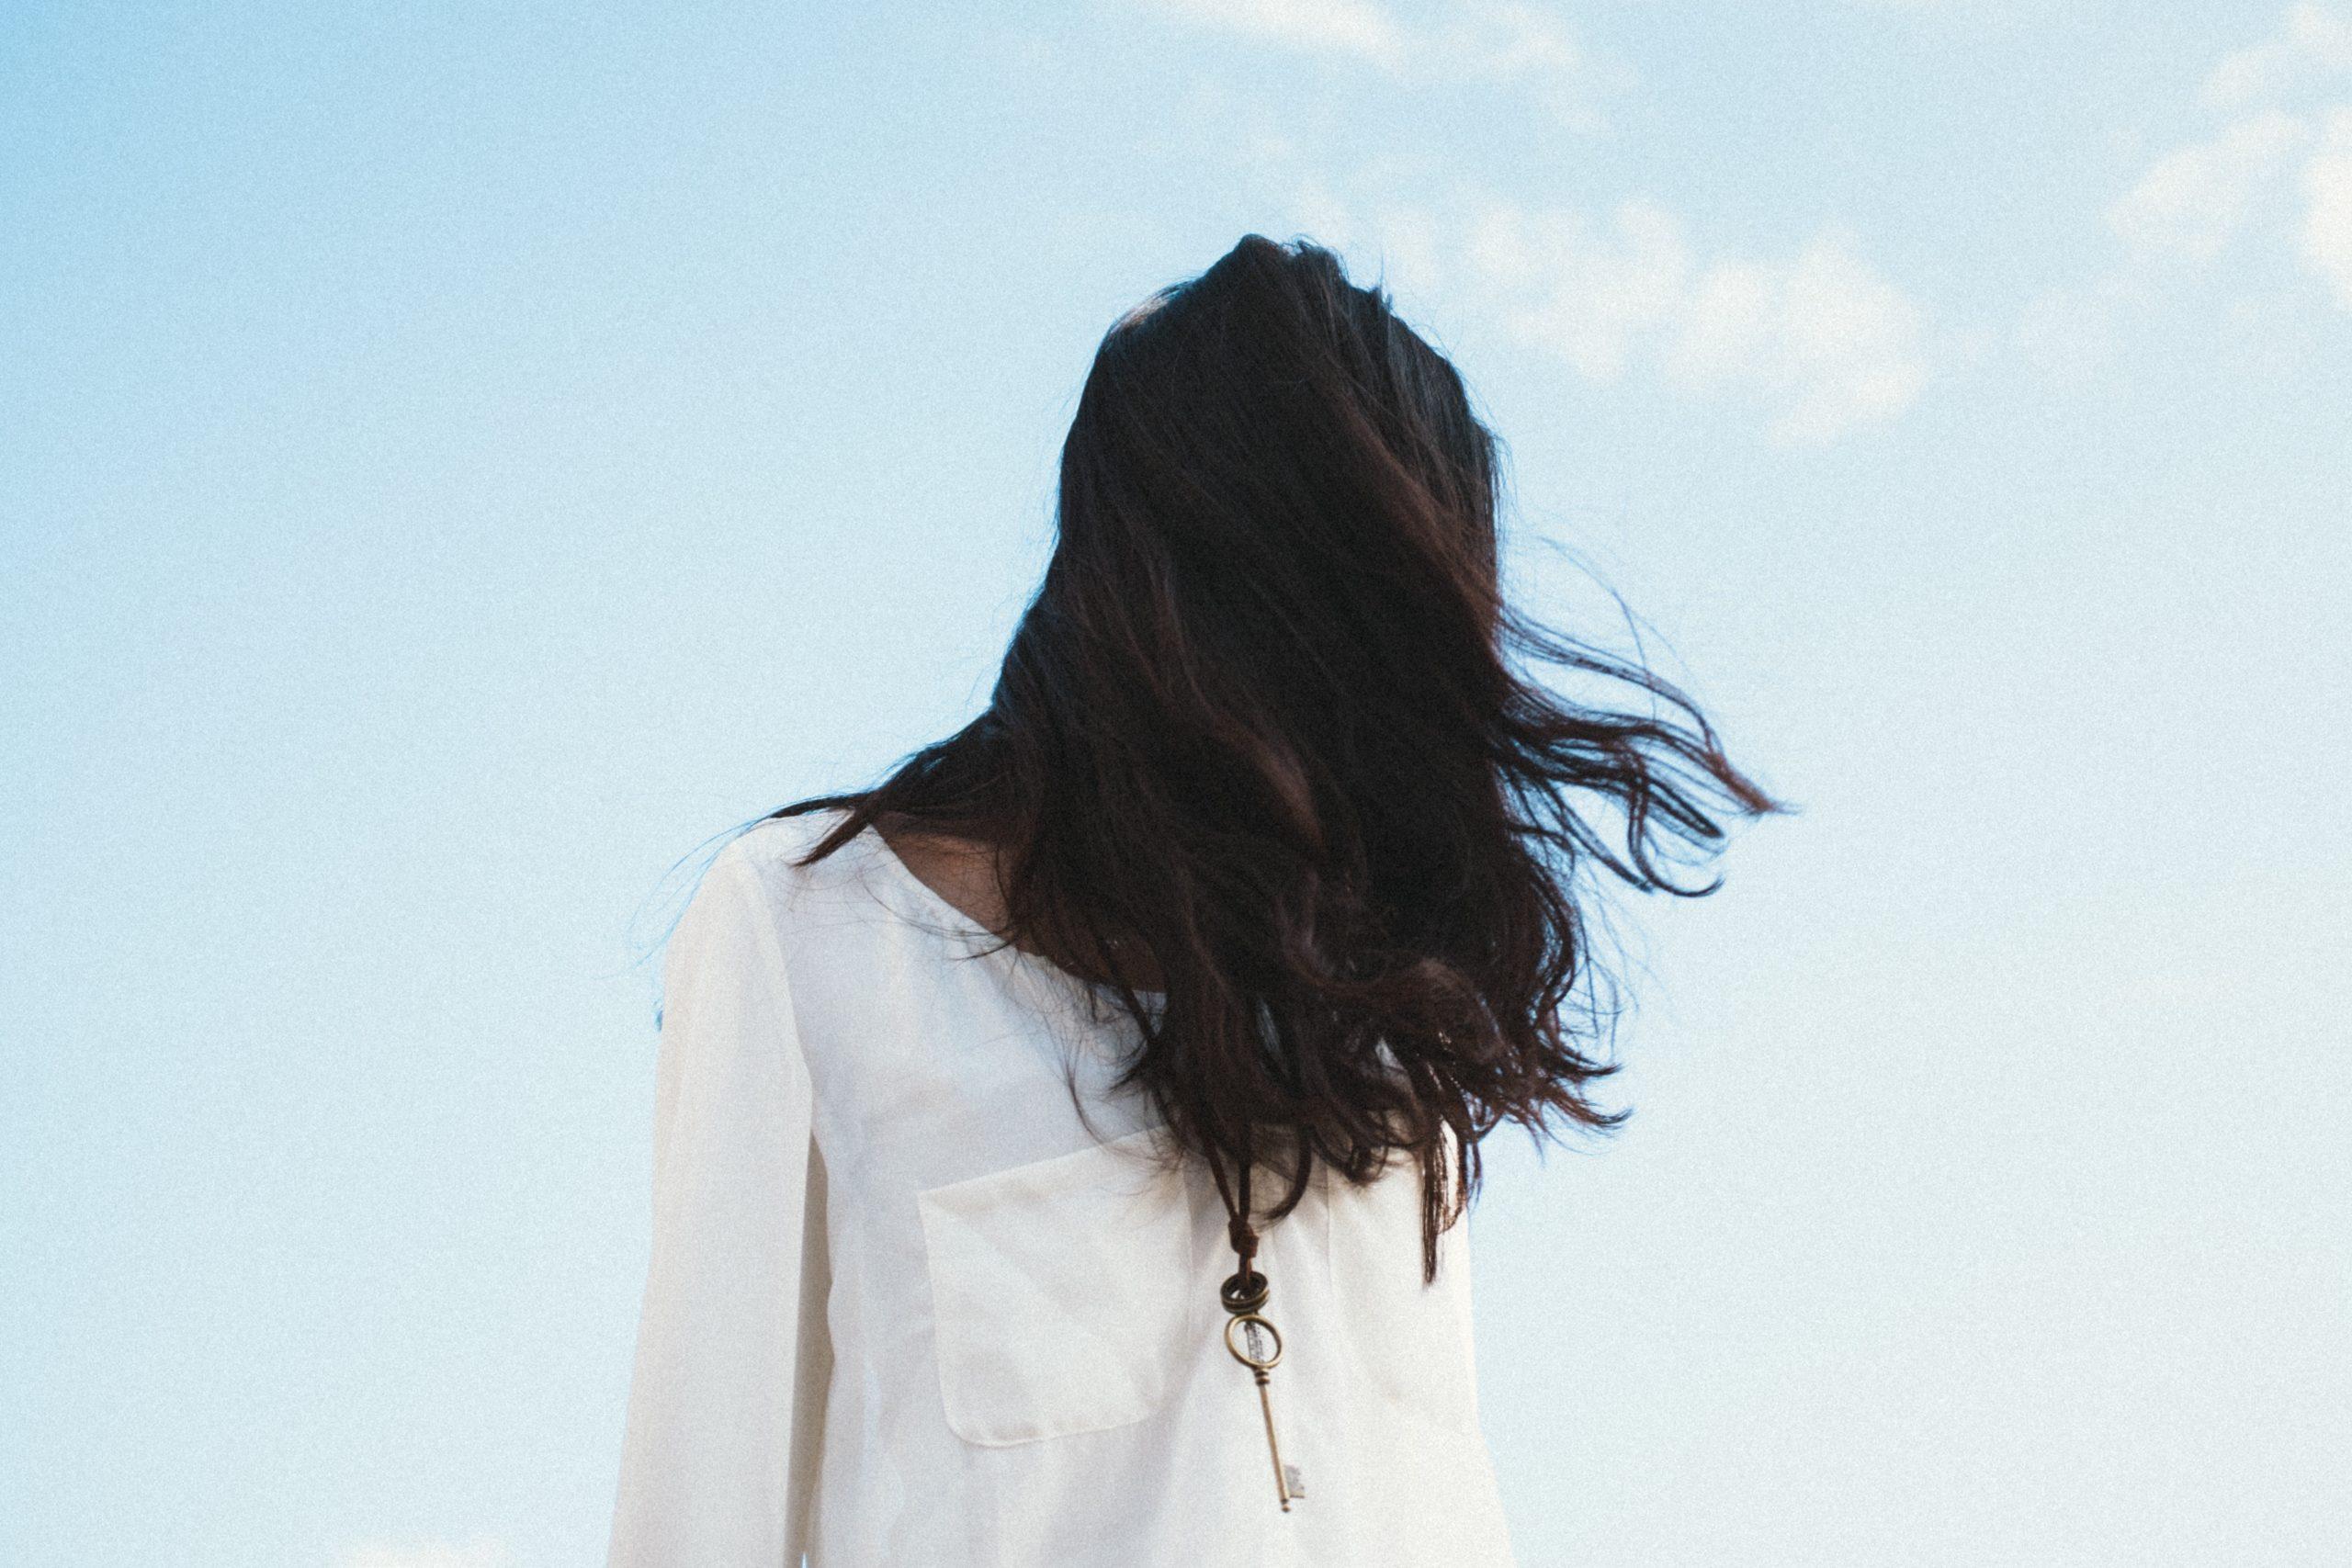 Akzeptiere dich selbst – eine wundervolle Geschichte